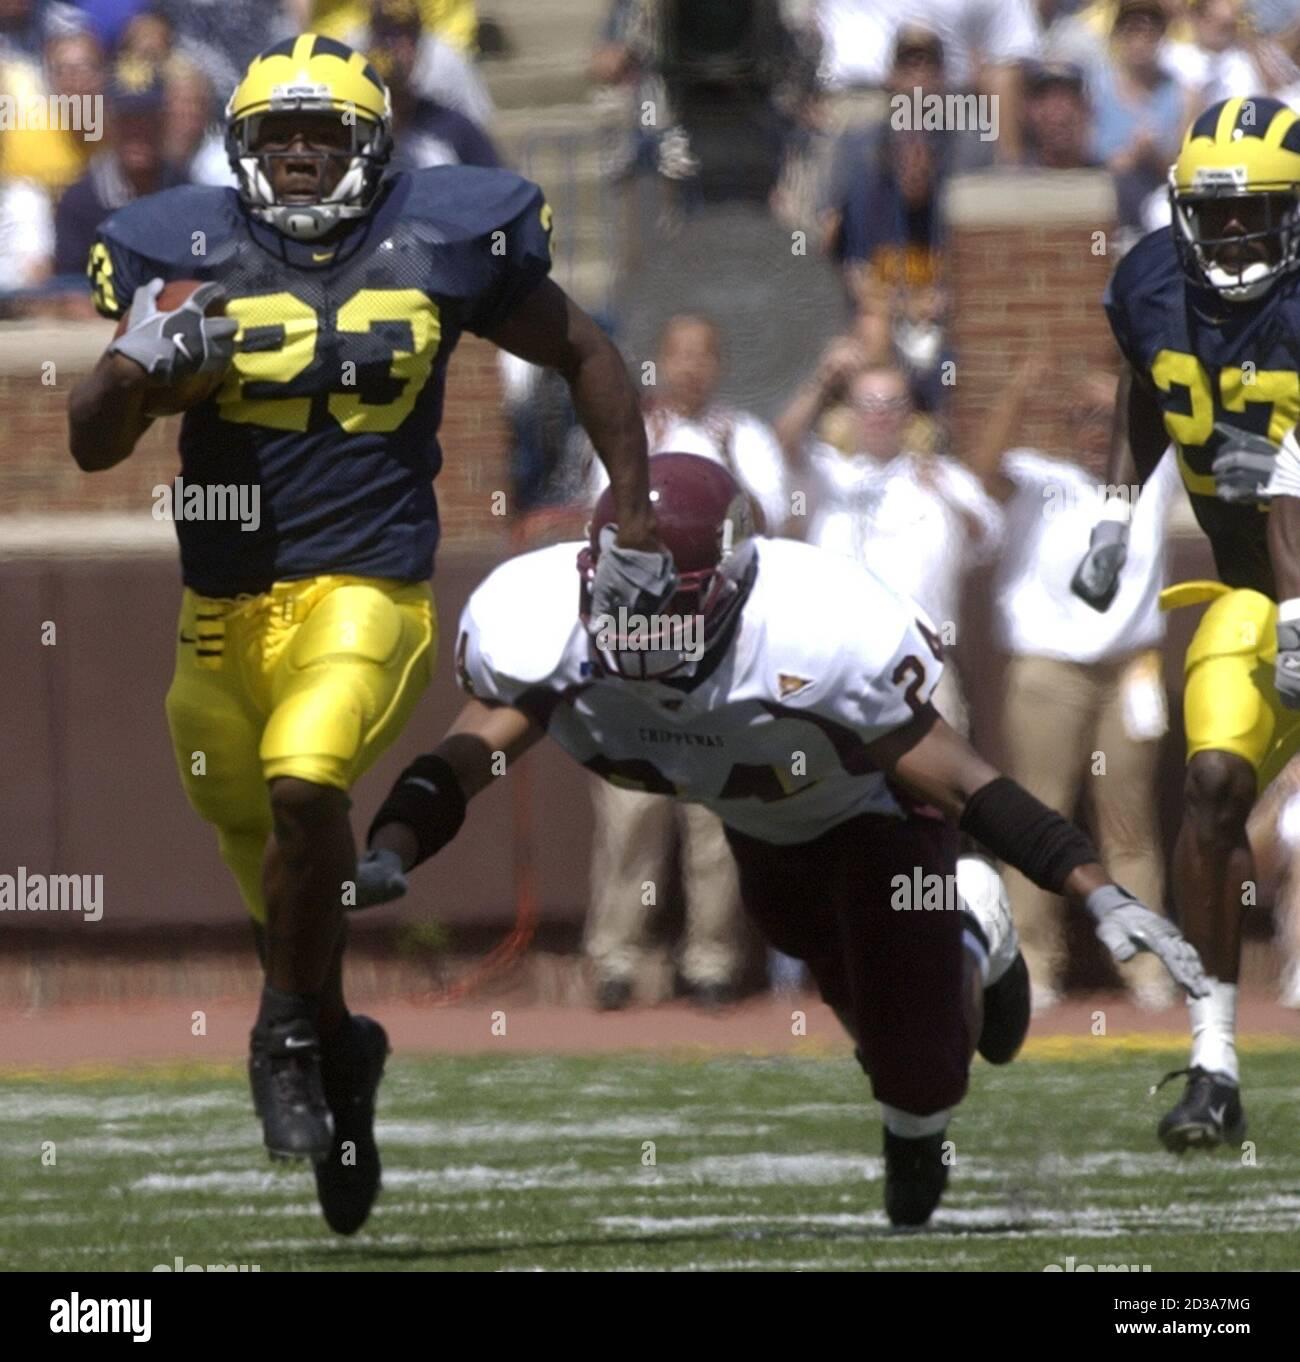 La Universidad de Michigan corriendo atrás Chris Perry (23) lleva la pelota por 33 yardas antes de ser tripped para arriba por el Central Michigan James King (24) en el tercer cuarto del juego en el estadio de Michigan en Ann Arbor, 30 de agosto de 2003. Michigan venció a Central 45-7. REUTERS/Rebecca Cook RC Foto de stock